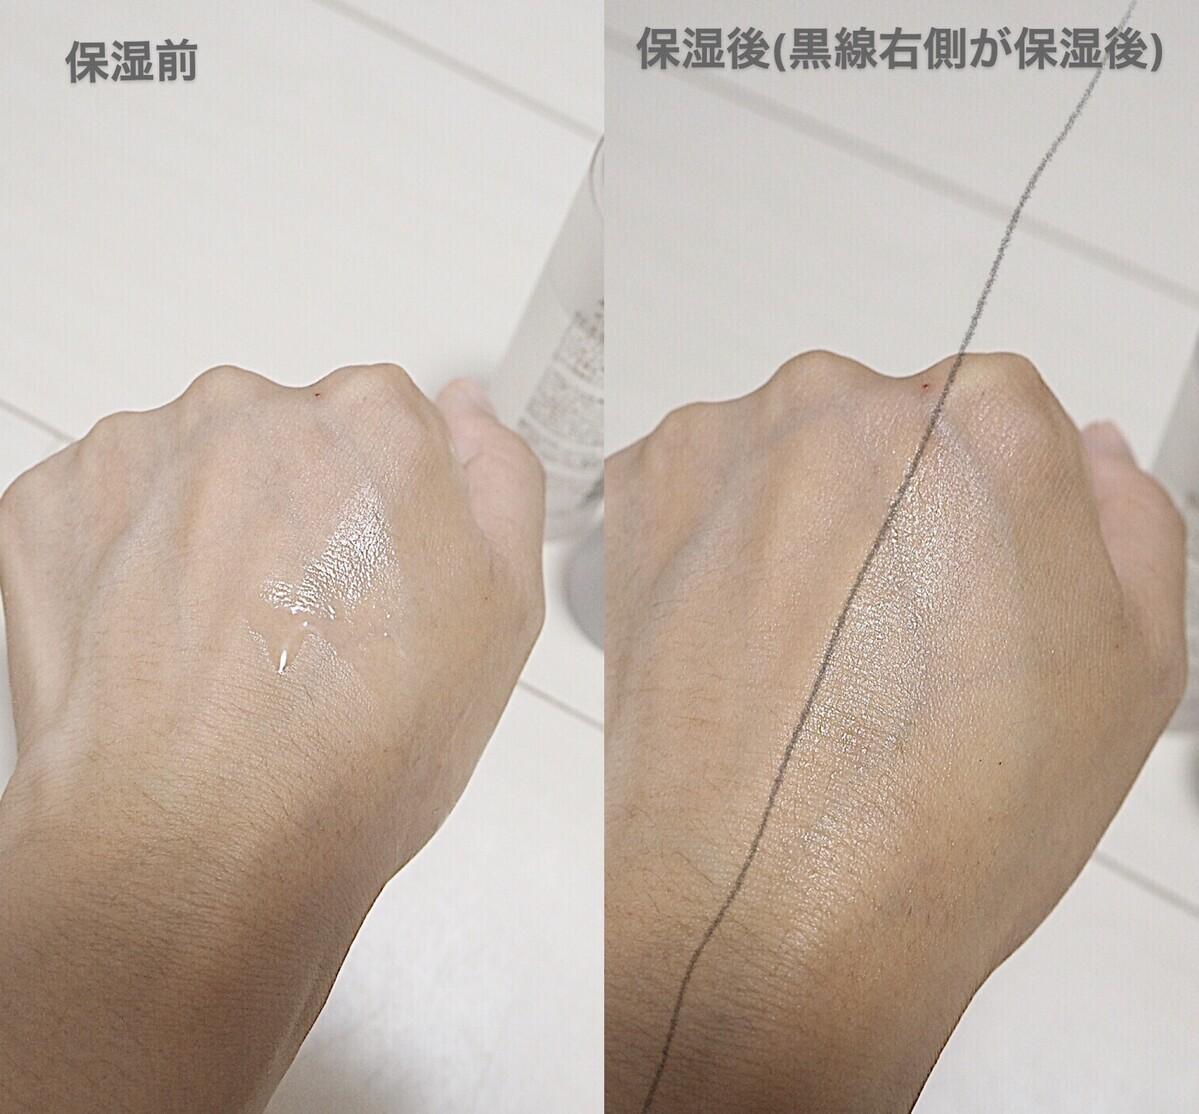 オーダーメイド化粧品HOTARU(ホタル)の口コミは?効果をレビュー!